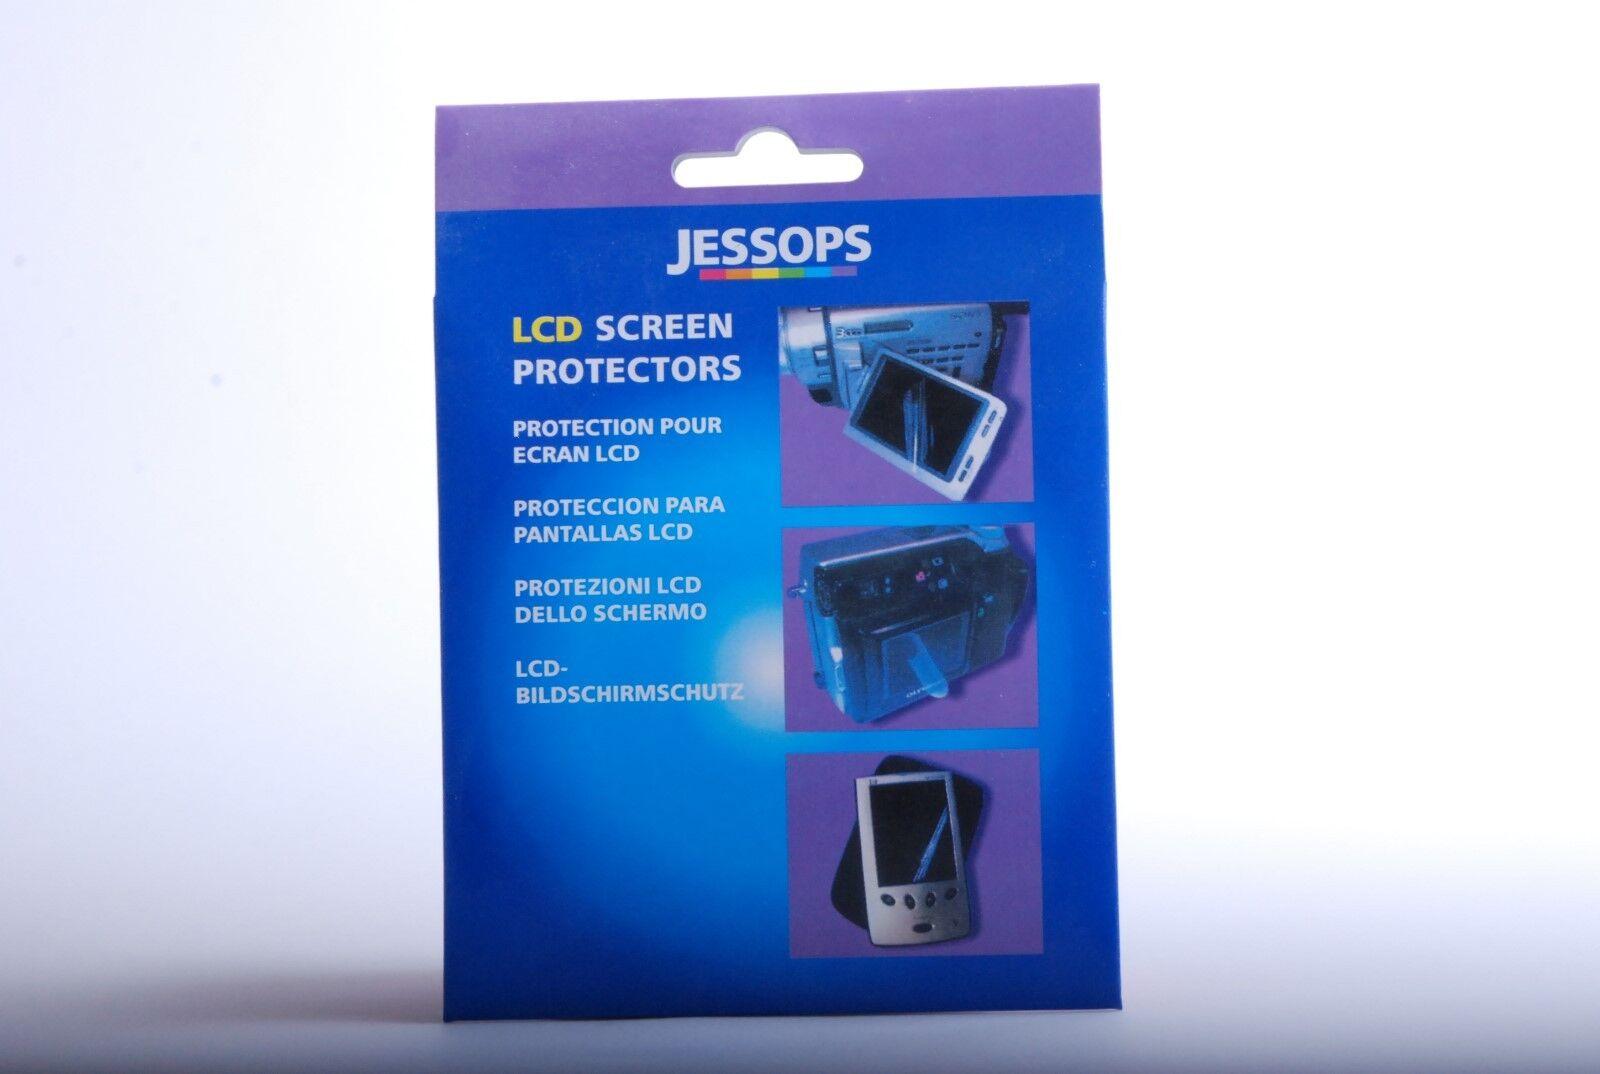 Jessops LCD Protectores de pantalla 96x78mm